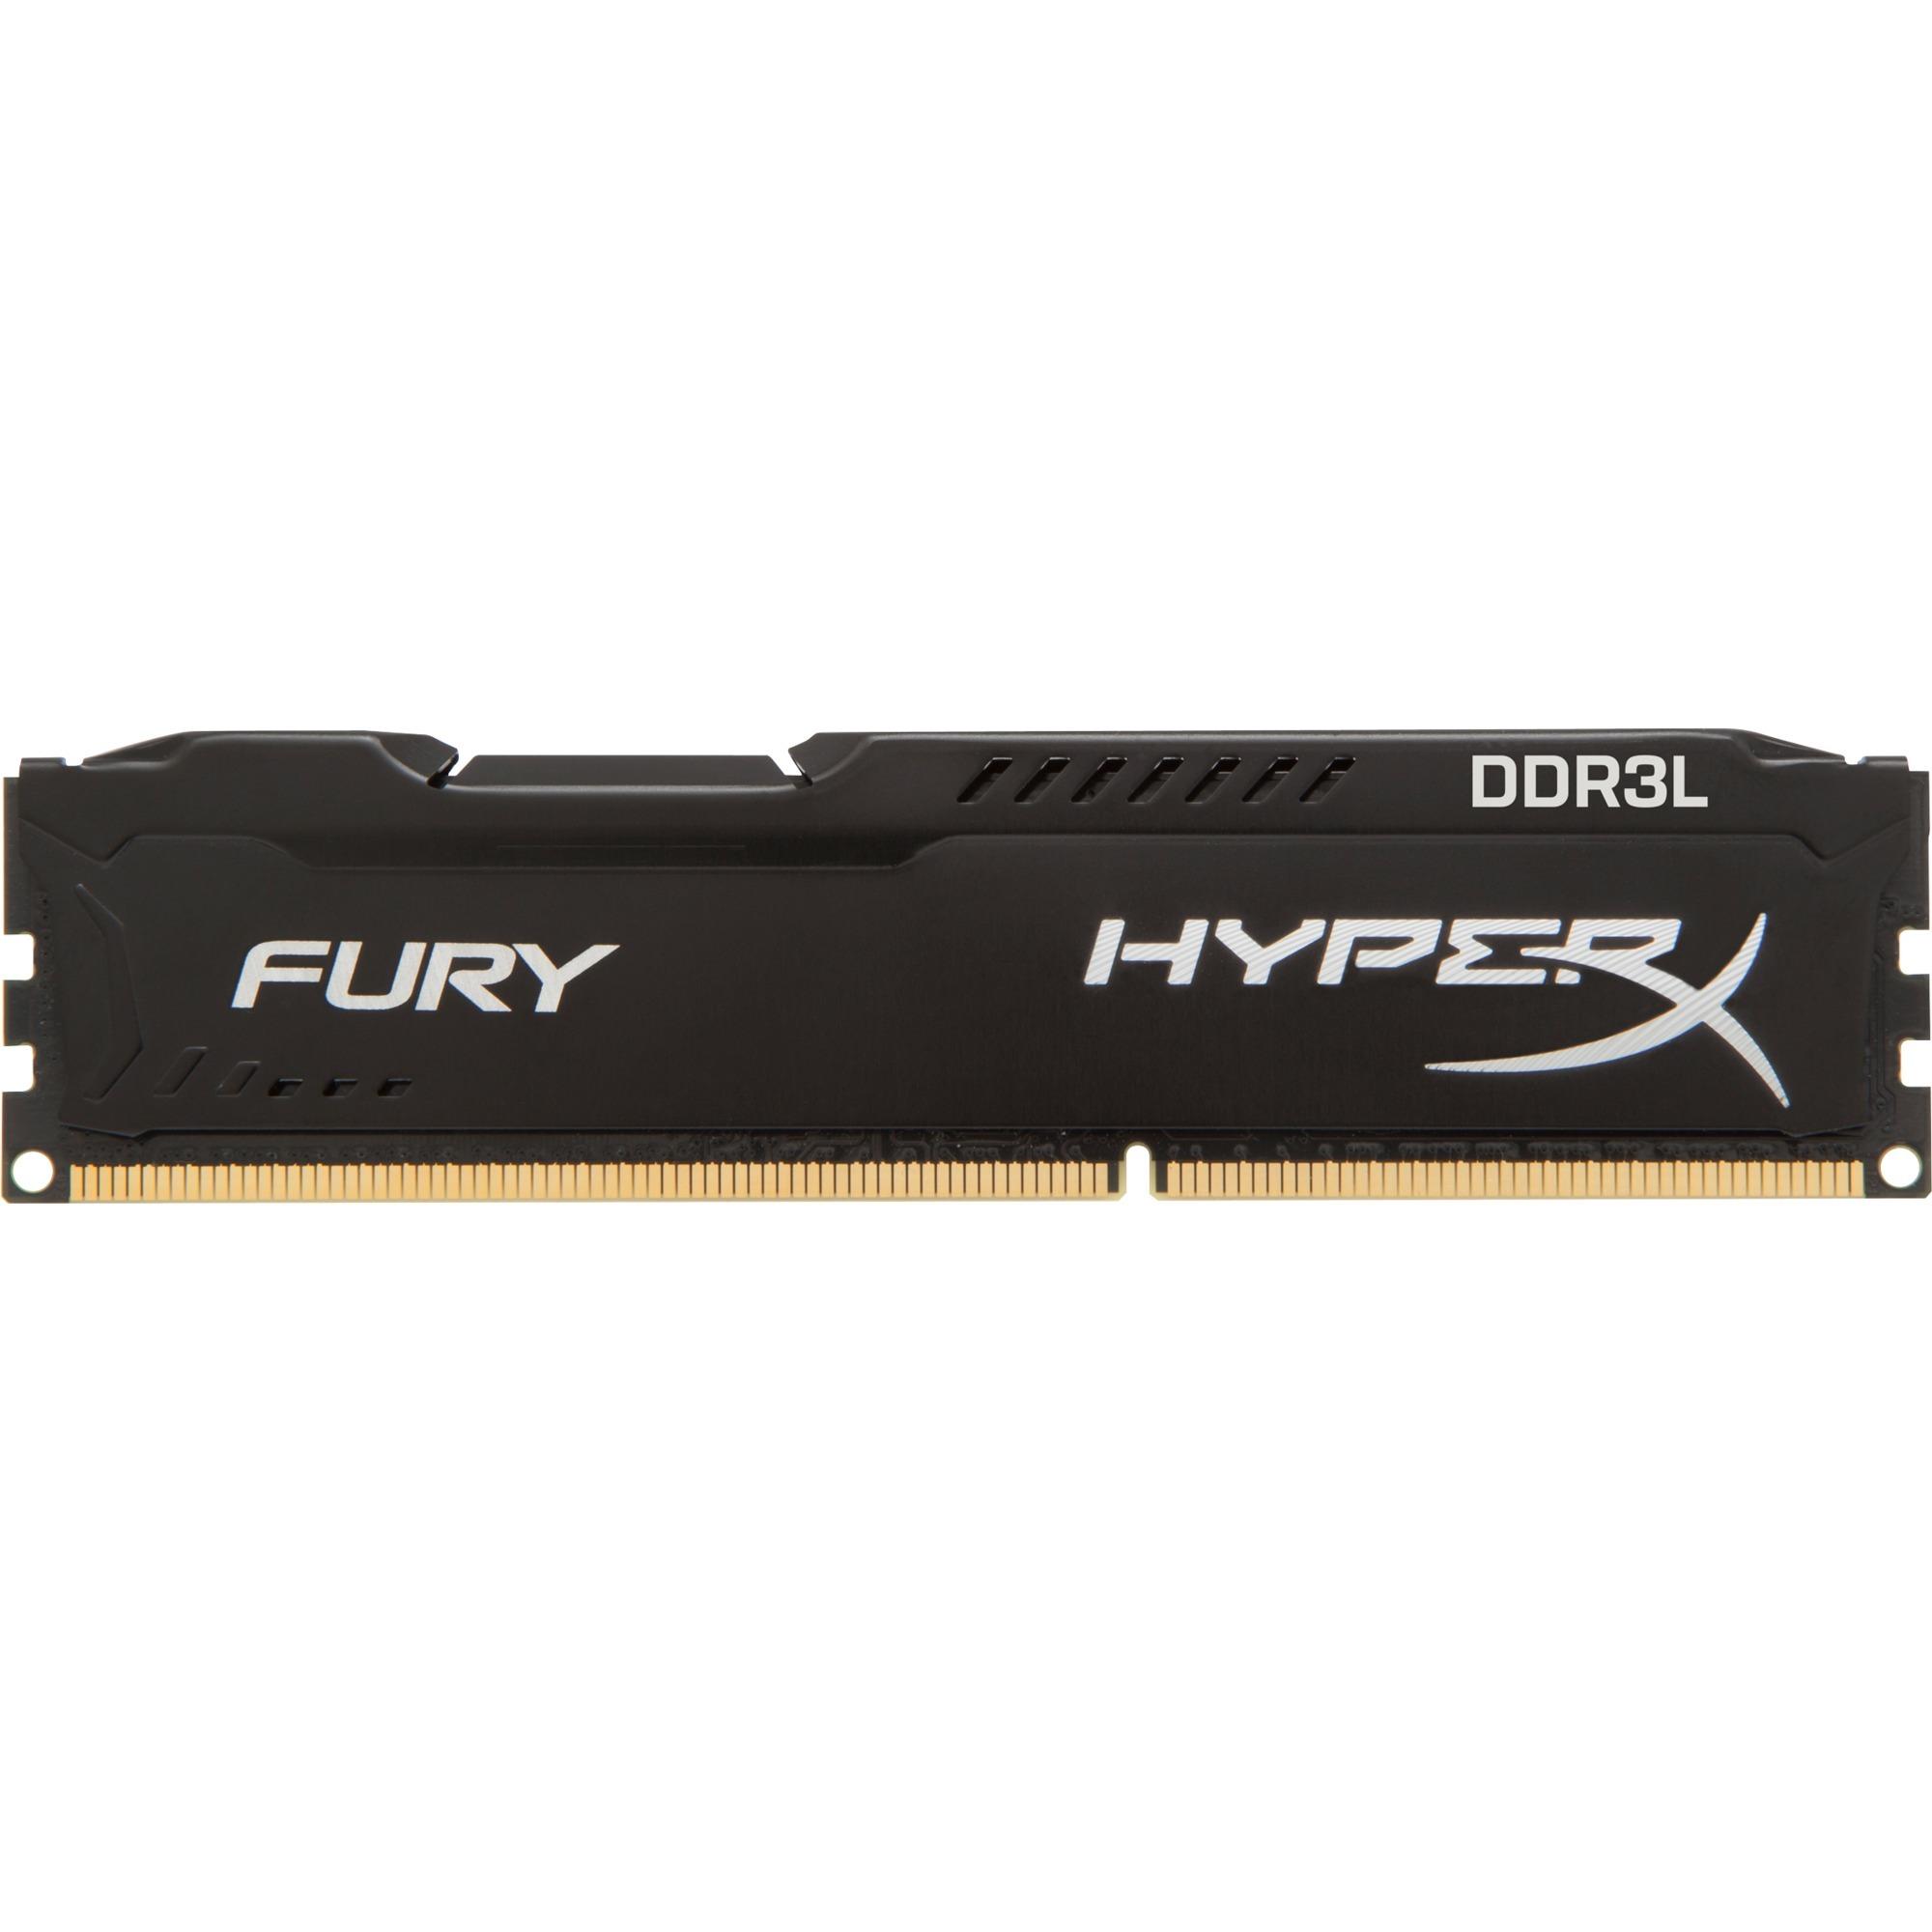 4GB, DDR3L módulo de memoria 1866 MHz, Memoria RAM